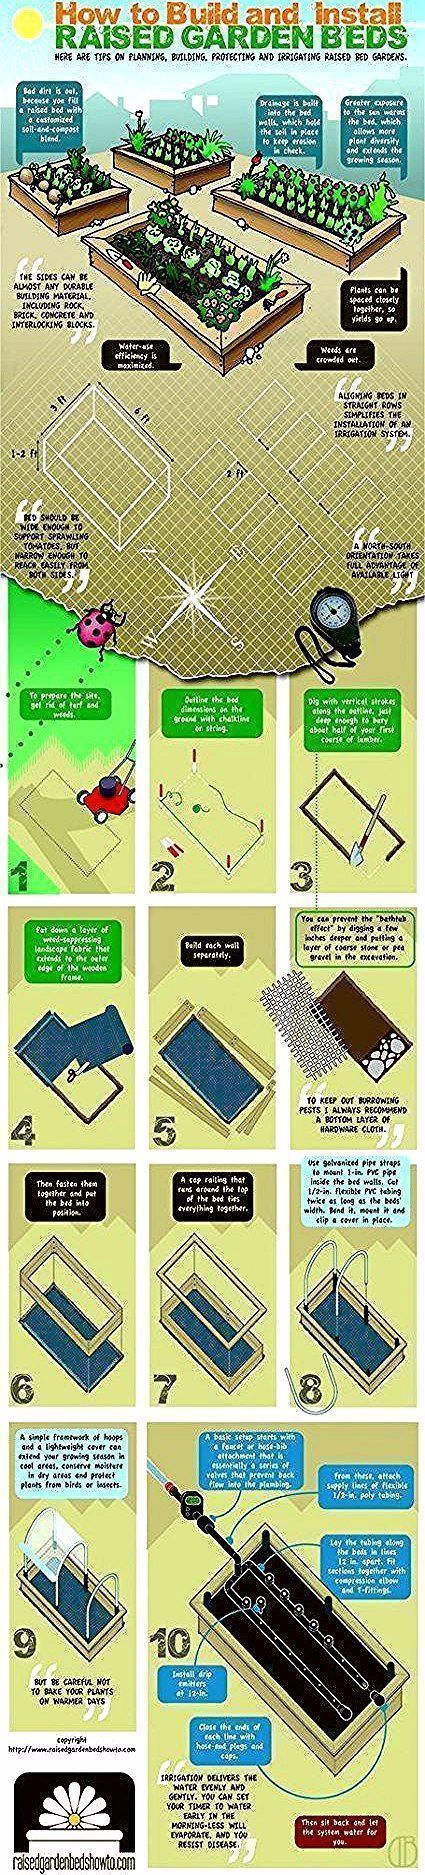 Super Diy Garden Ideas Vegetables Raised Beds Drip Irrigation Ideas Beds Diy Beds Diy Drip Garden Ideas Irrigation Raised In 2020 Tropfchenbewasserung Streiche